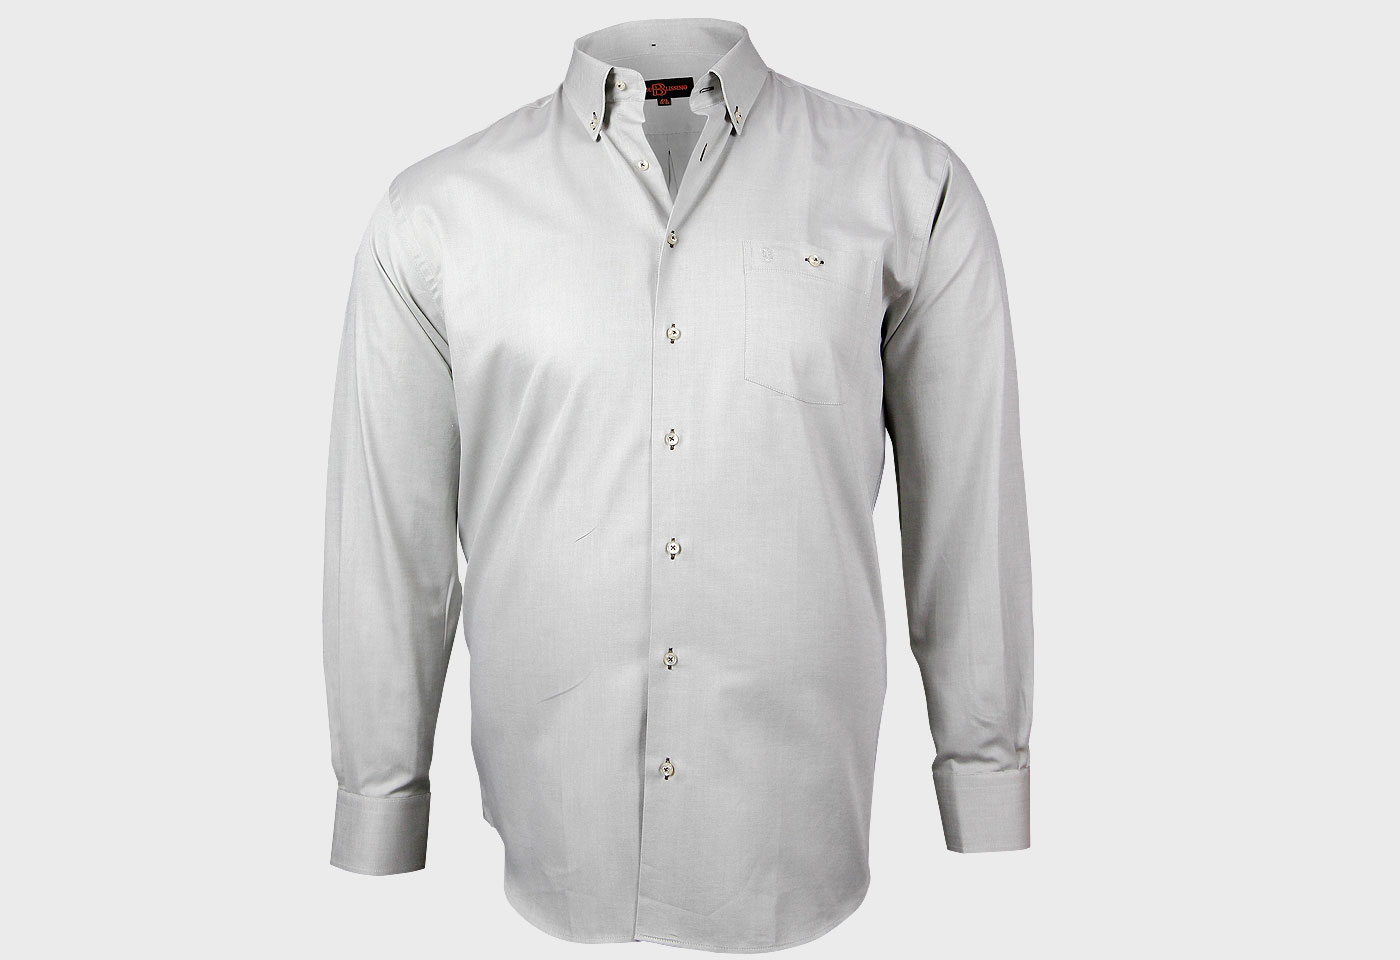 Tendencias Camisas para hombre Primavera Verano 2016  - imagenes de modelos de camisas para hombres